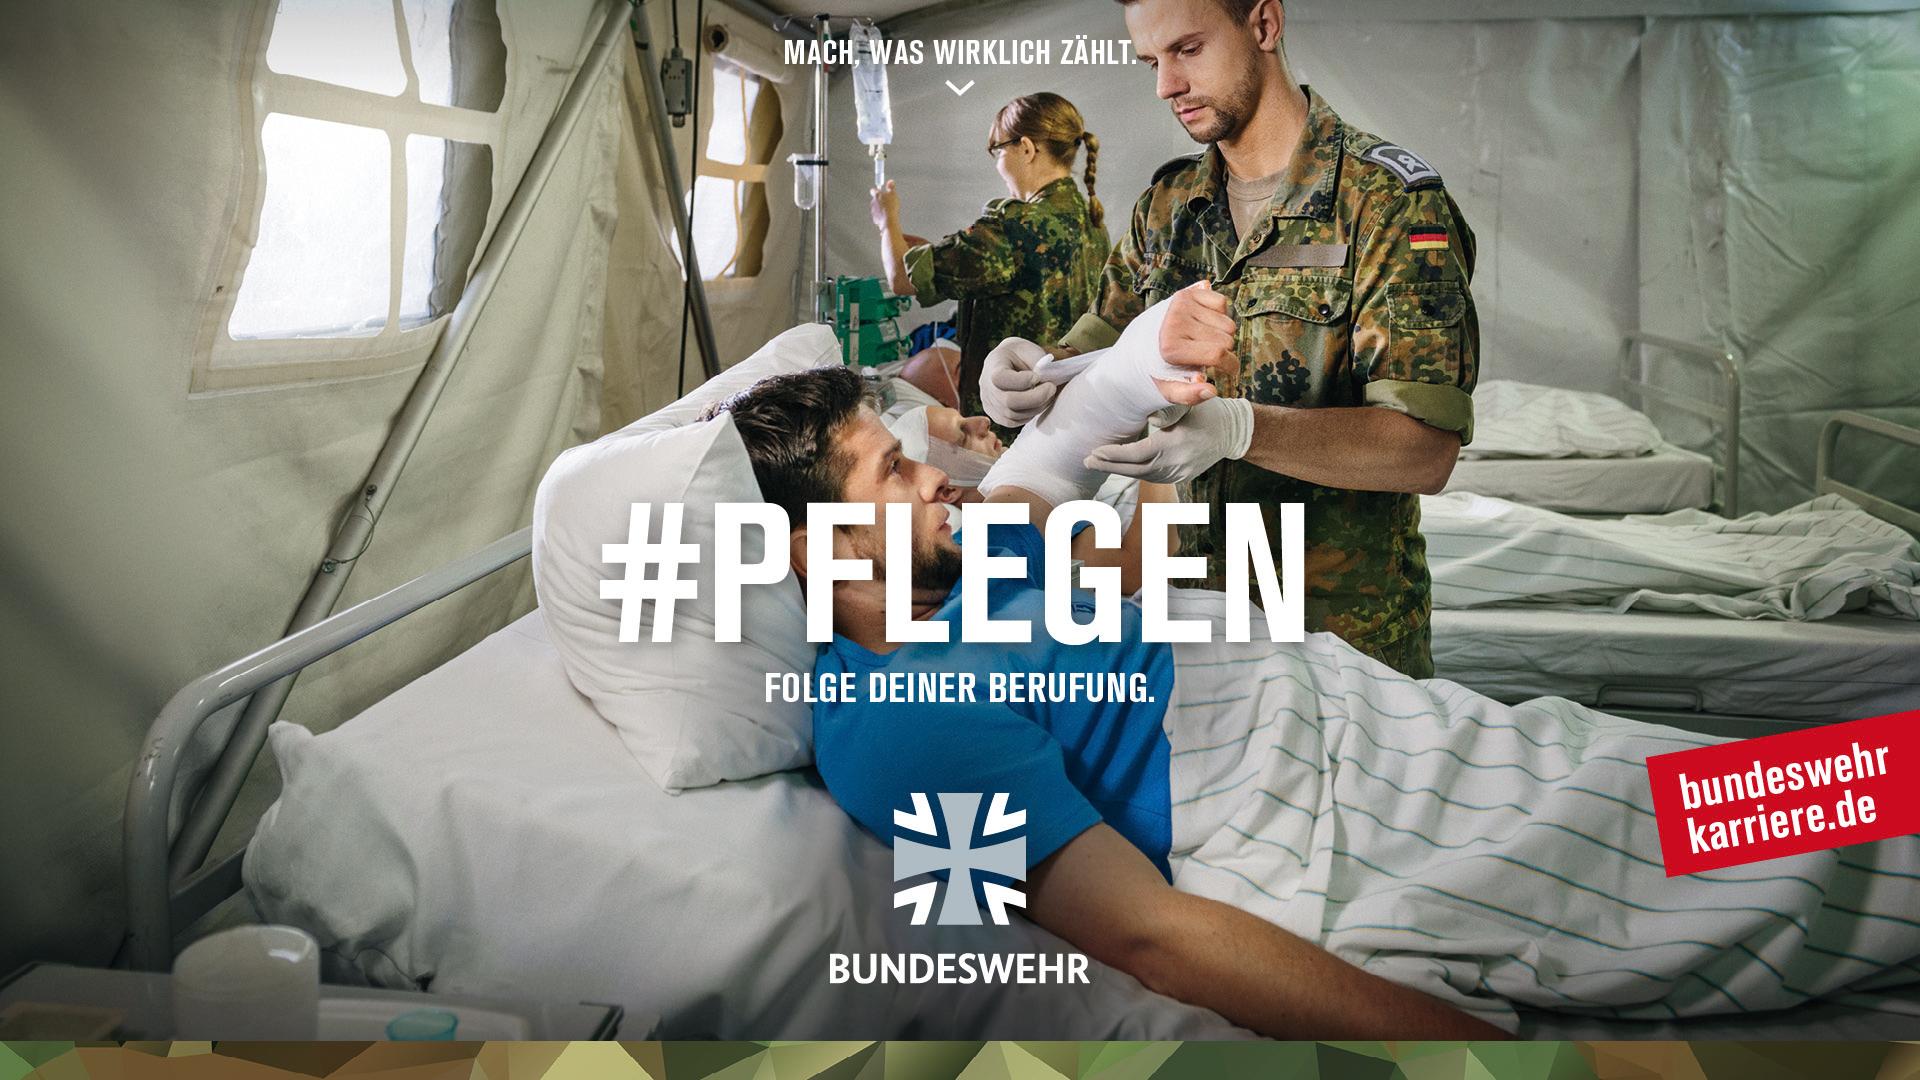 BW_Berufekampagne_16_9_14.jpg – Karriereberatungsbüro der Bundeswehr Aurich